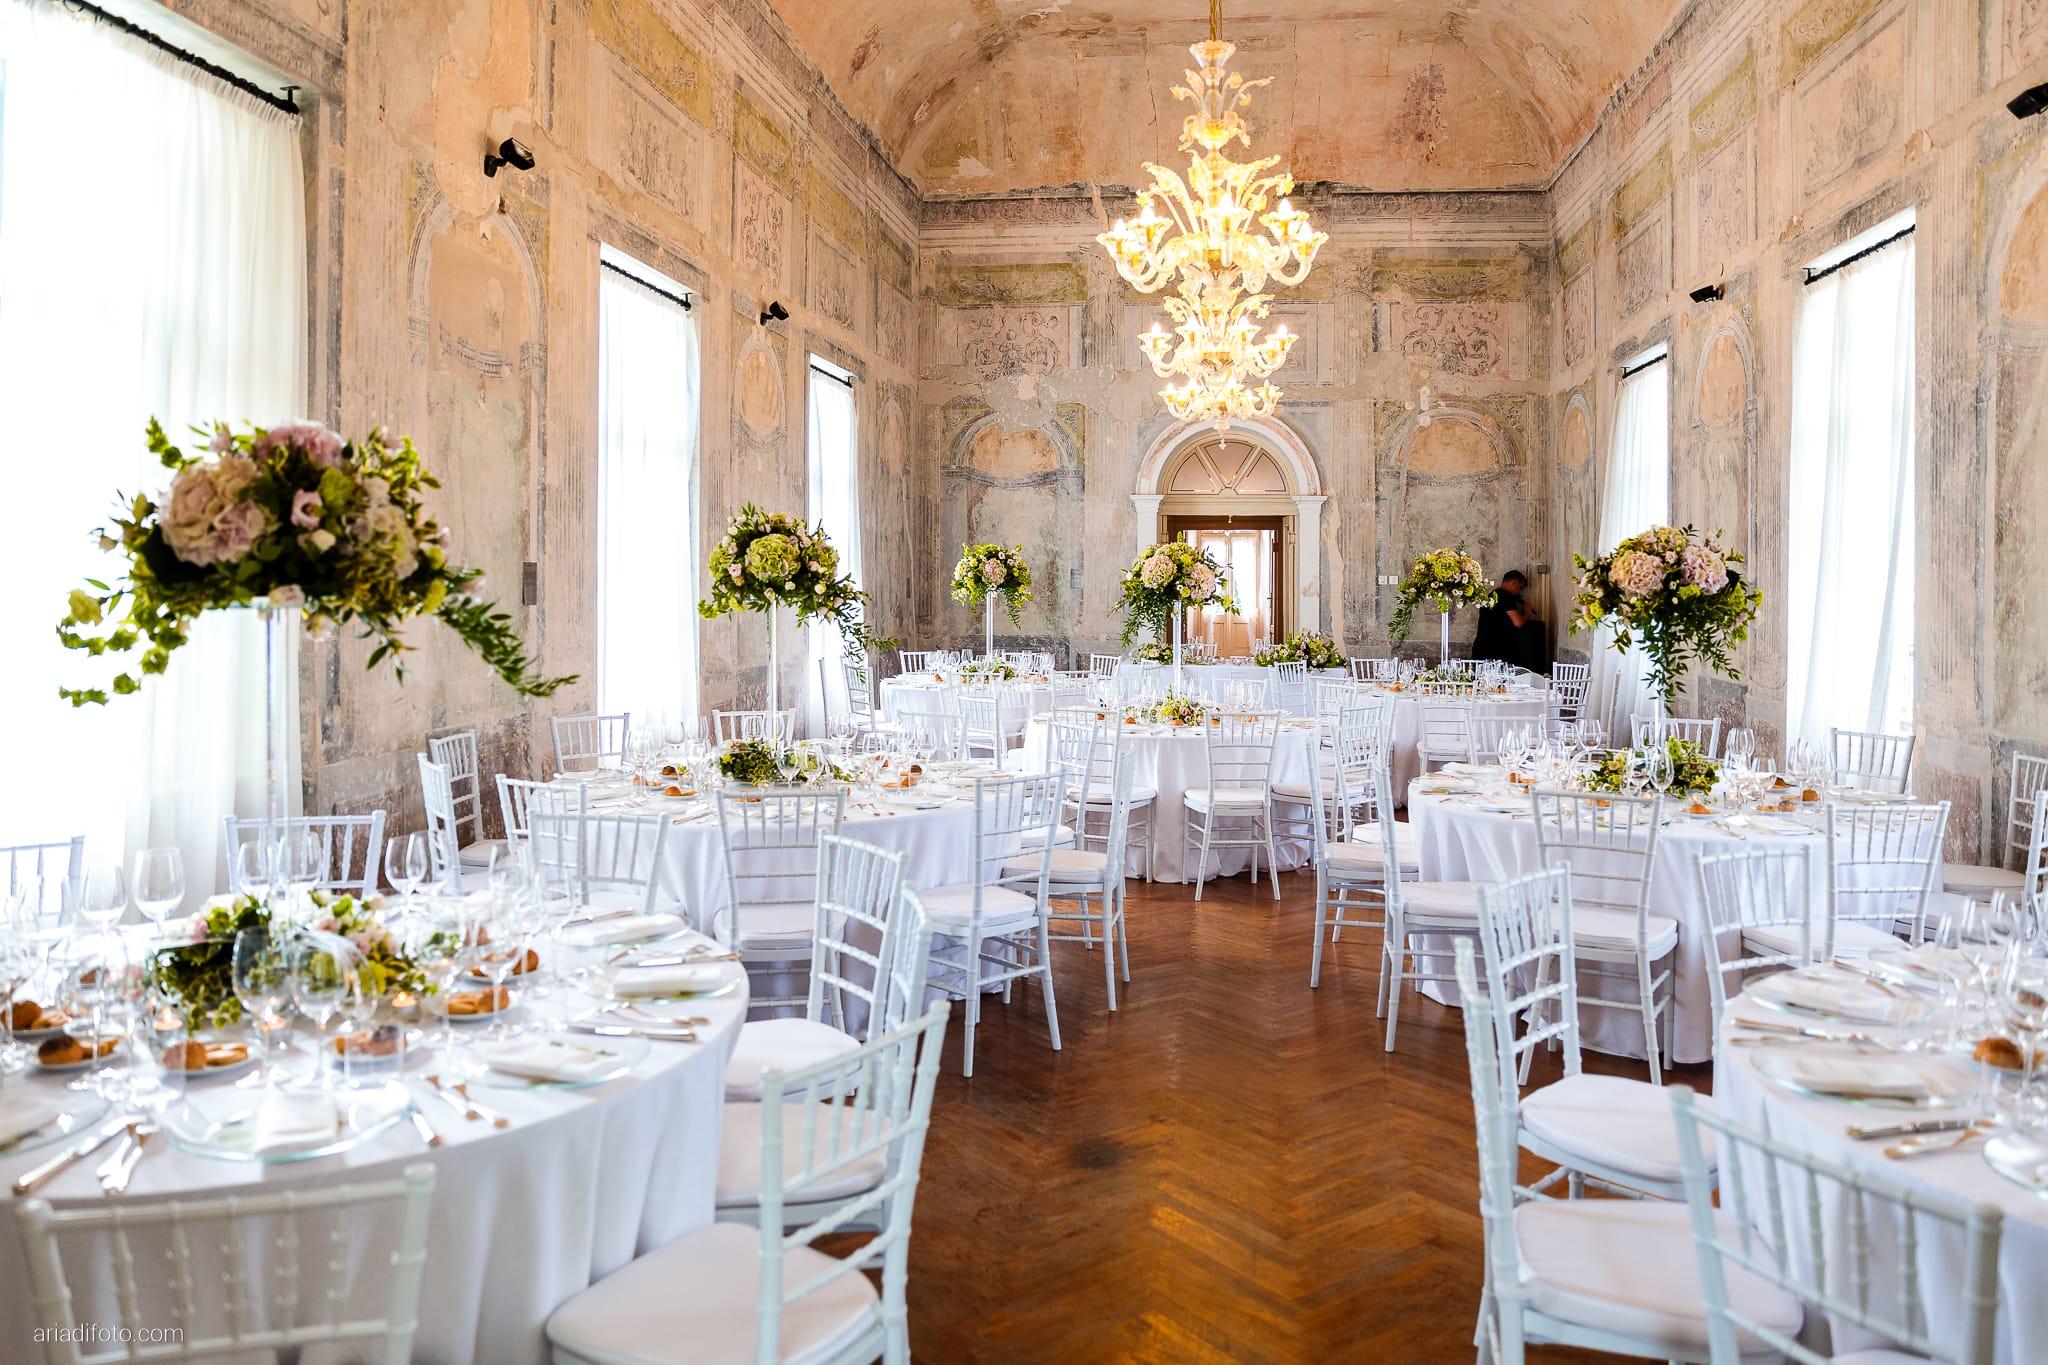 Valentina Marco Matrimonio Duomo Gorizia Castelvecchio Sagrado ricevimento dettagli decorazioni allestimenti sala centrotavola